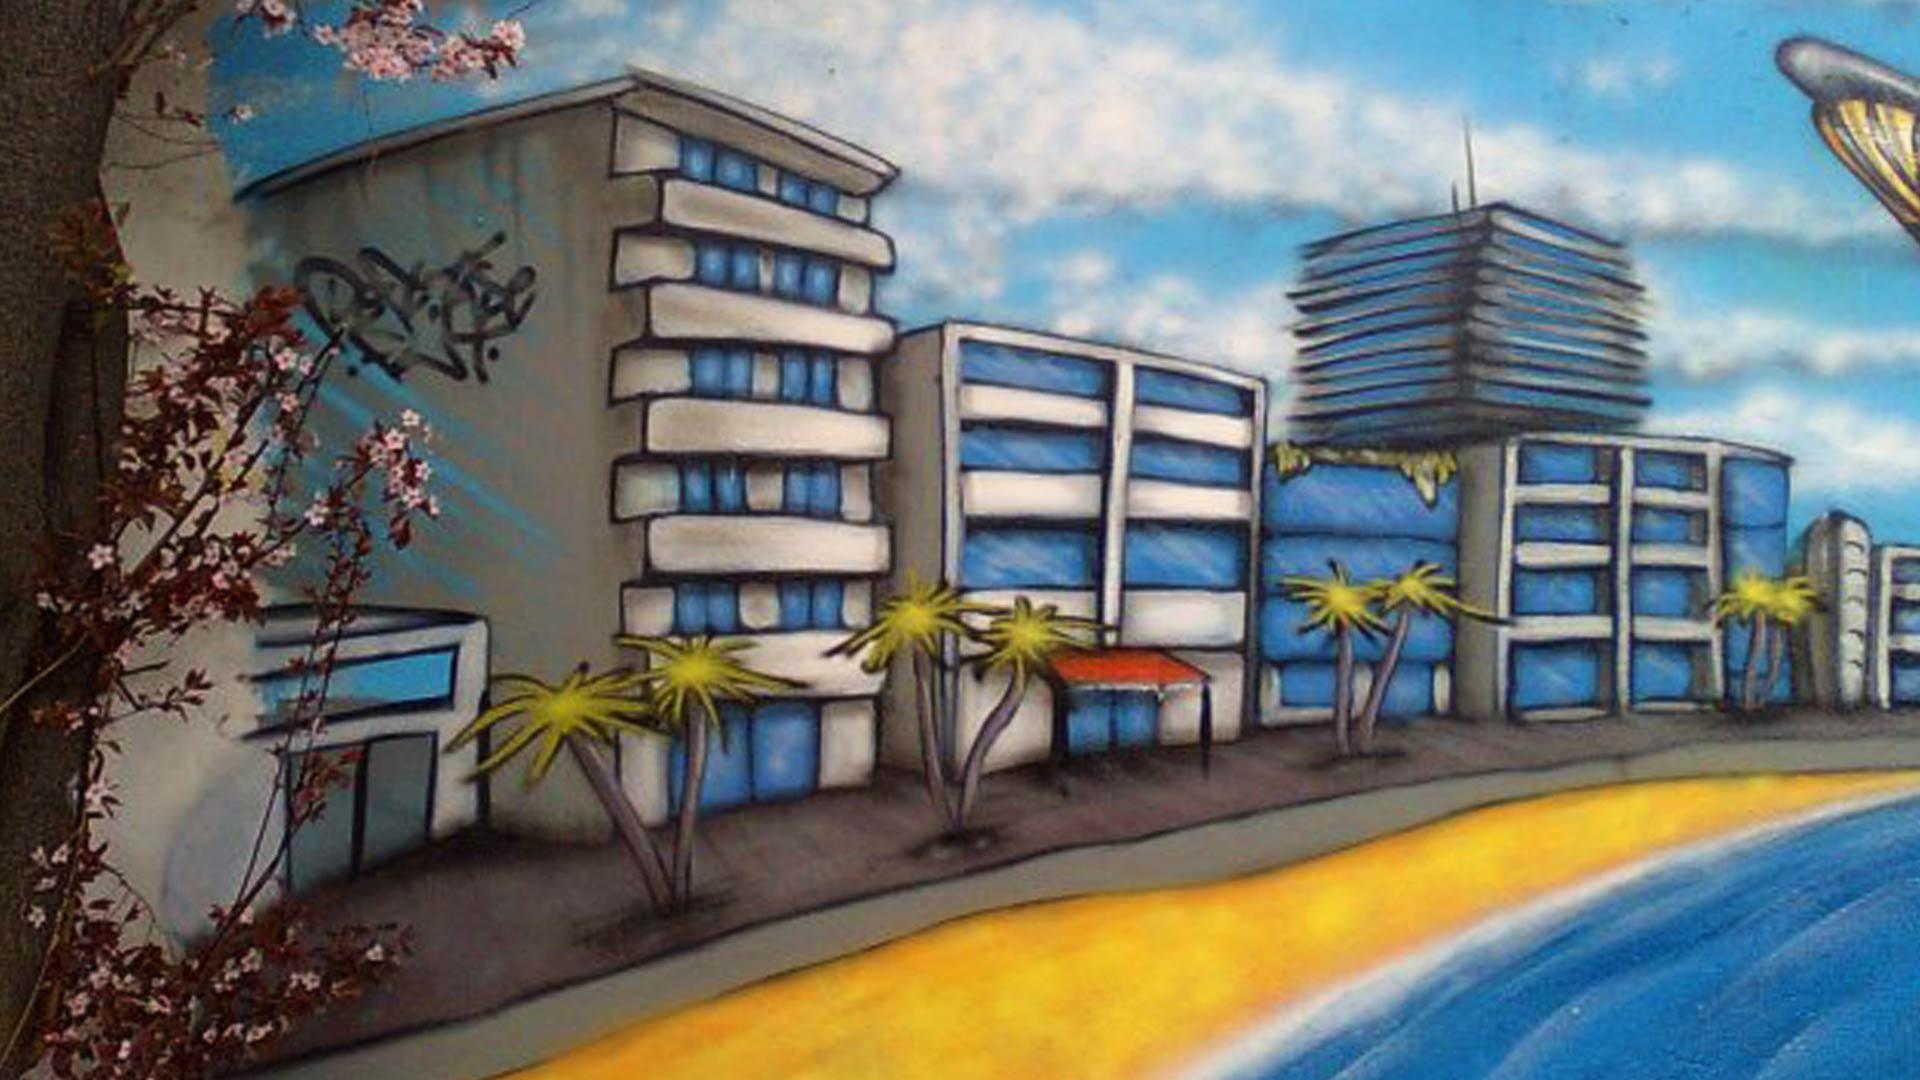 Fresque Copacabana - Deft & Tase